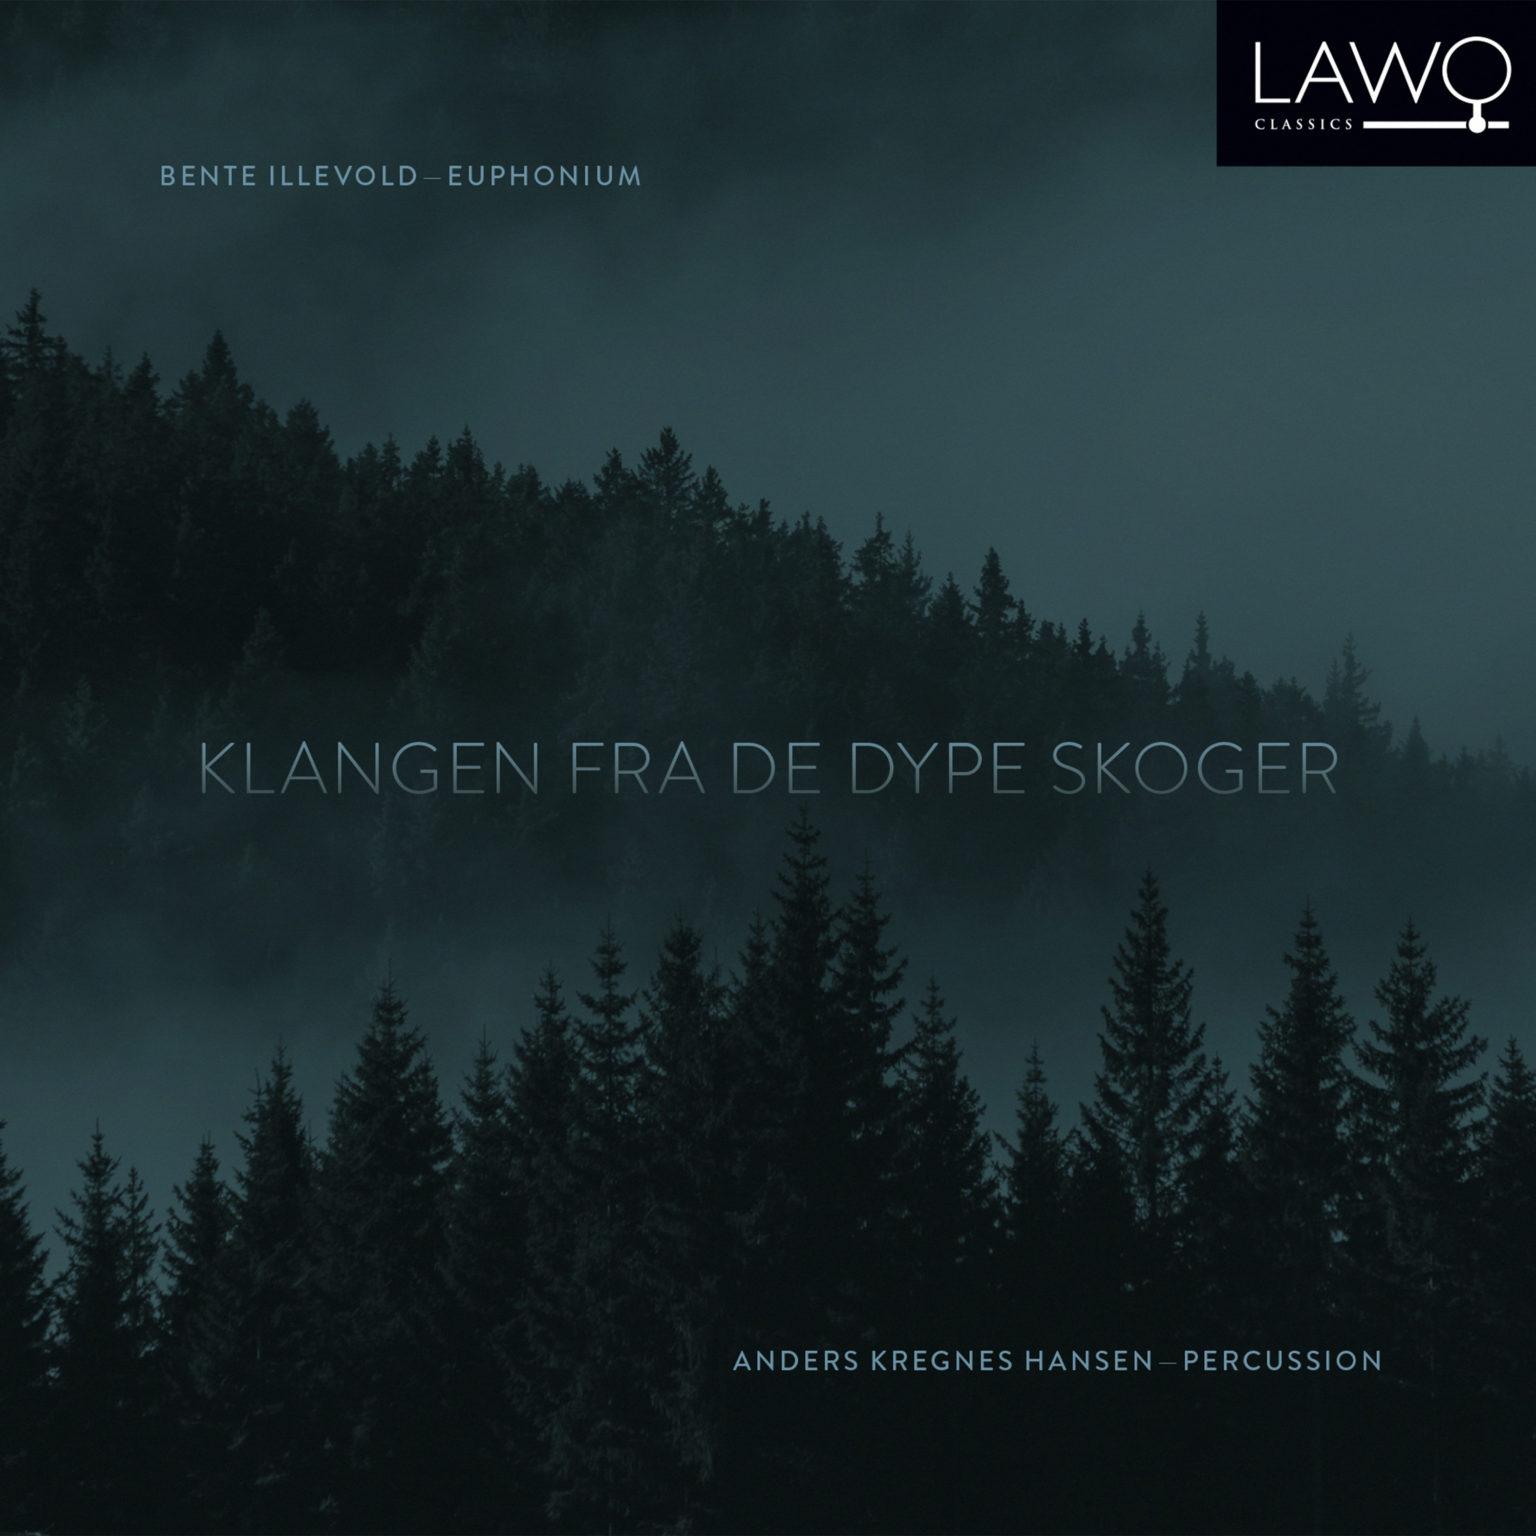 Click image for larger version.  Name:LWC1195_Bente_Illevold_Klangen_fra_de_dype_skoger_cover_3000x3000px-1536x1536.jpg Views:181 Size:174.8 KB ID:7720